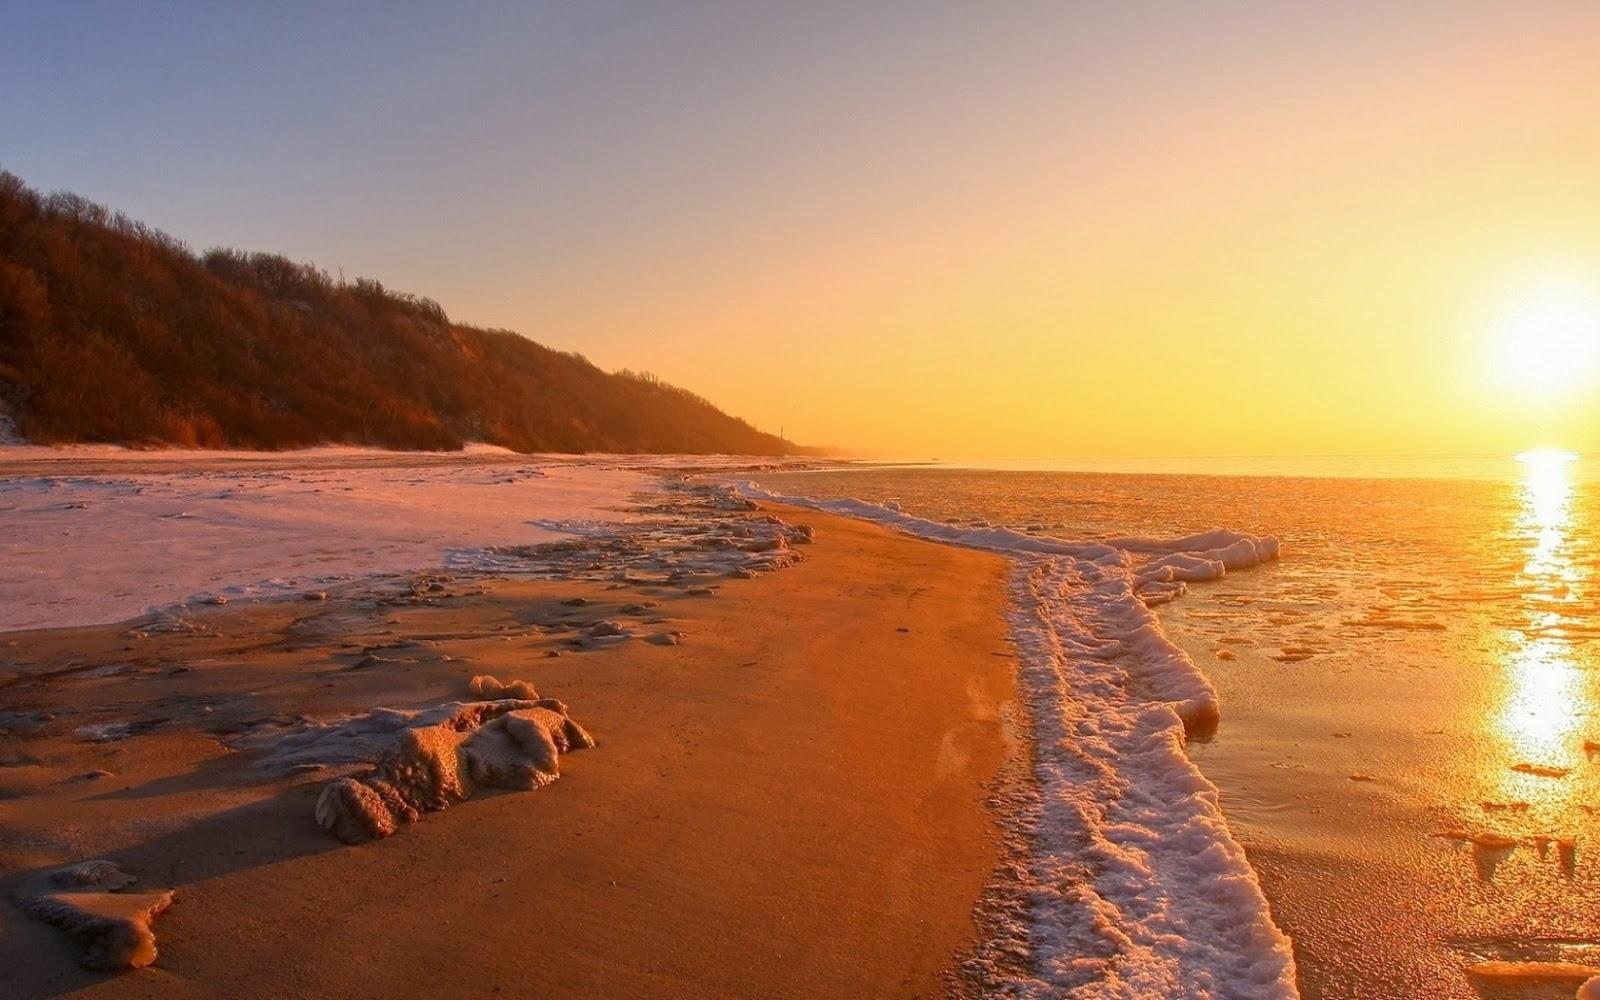 Puesta de sol en el océano con plantas en la orilla